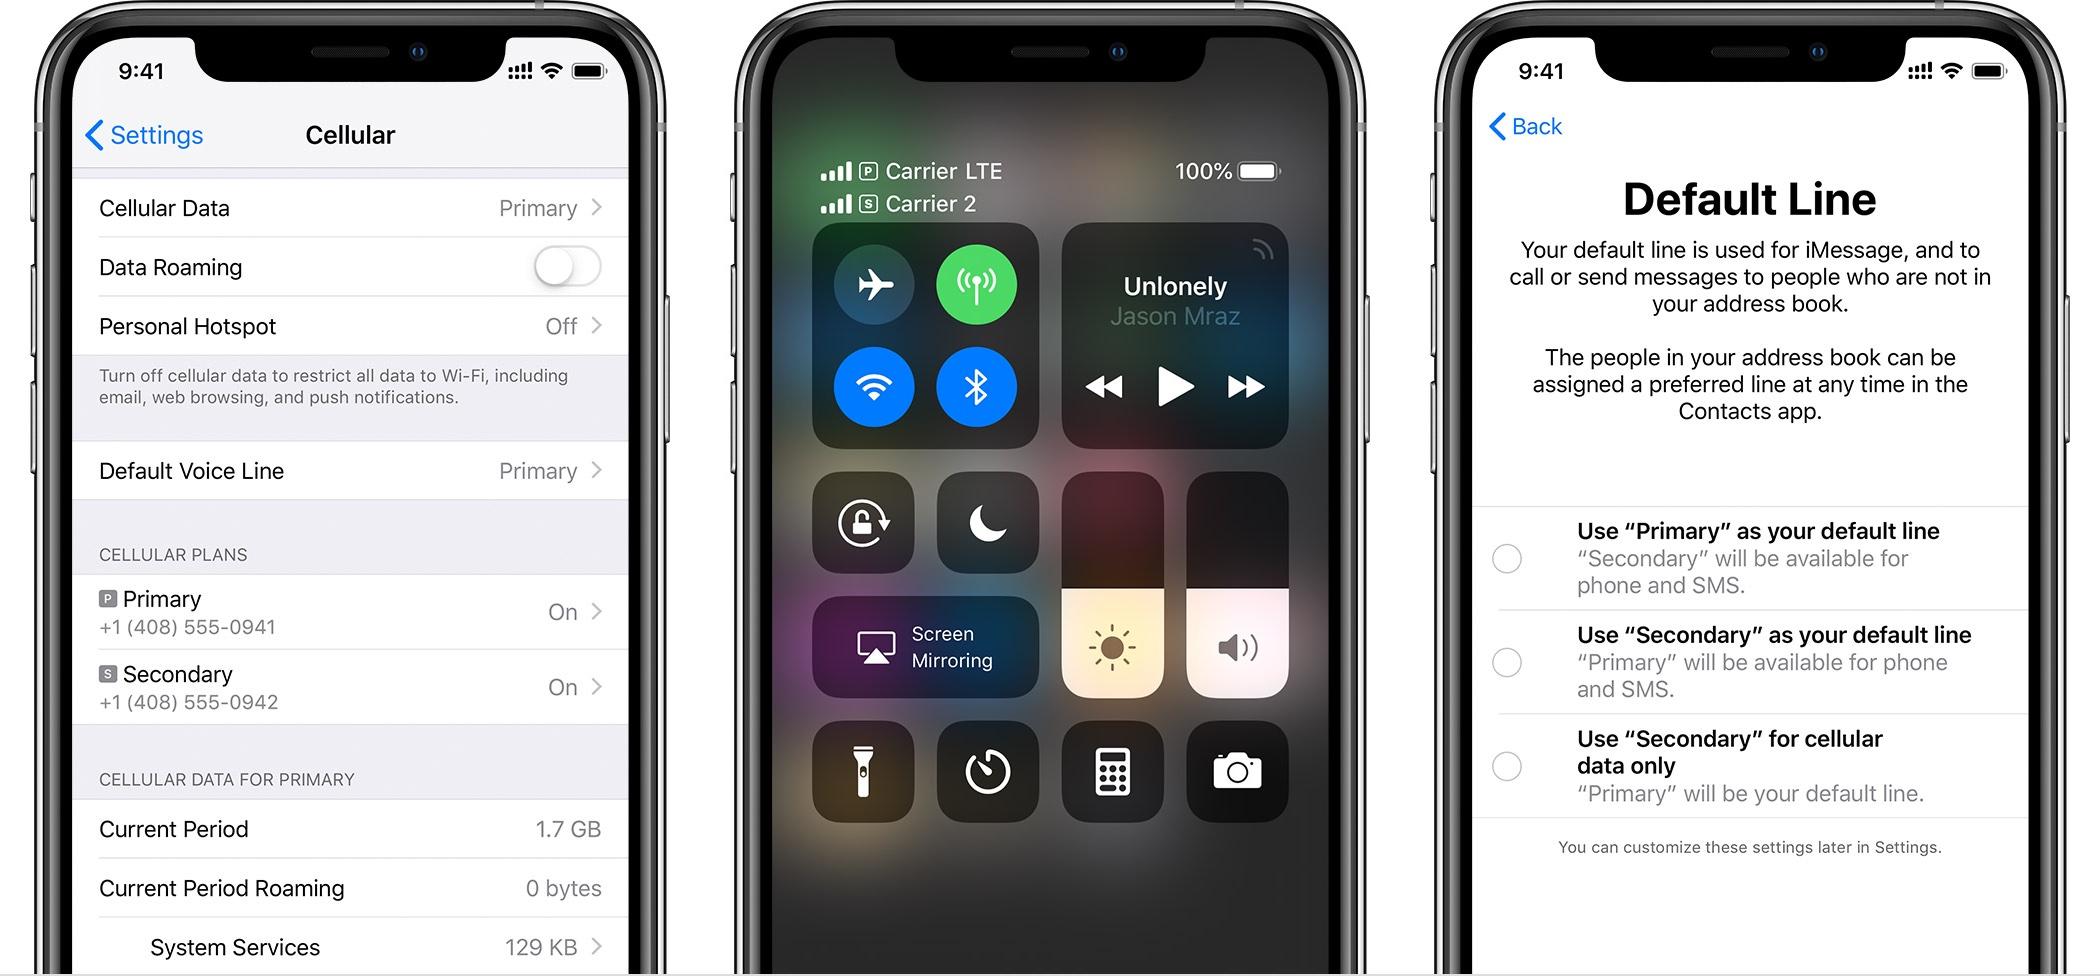 cellulare dual sim iphone